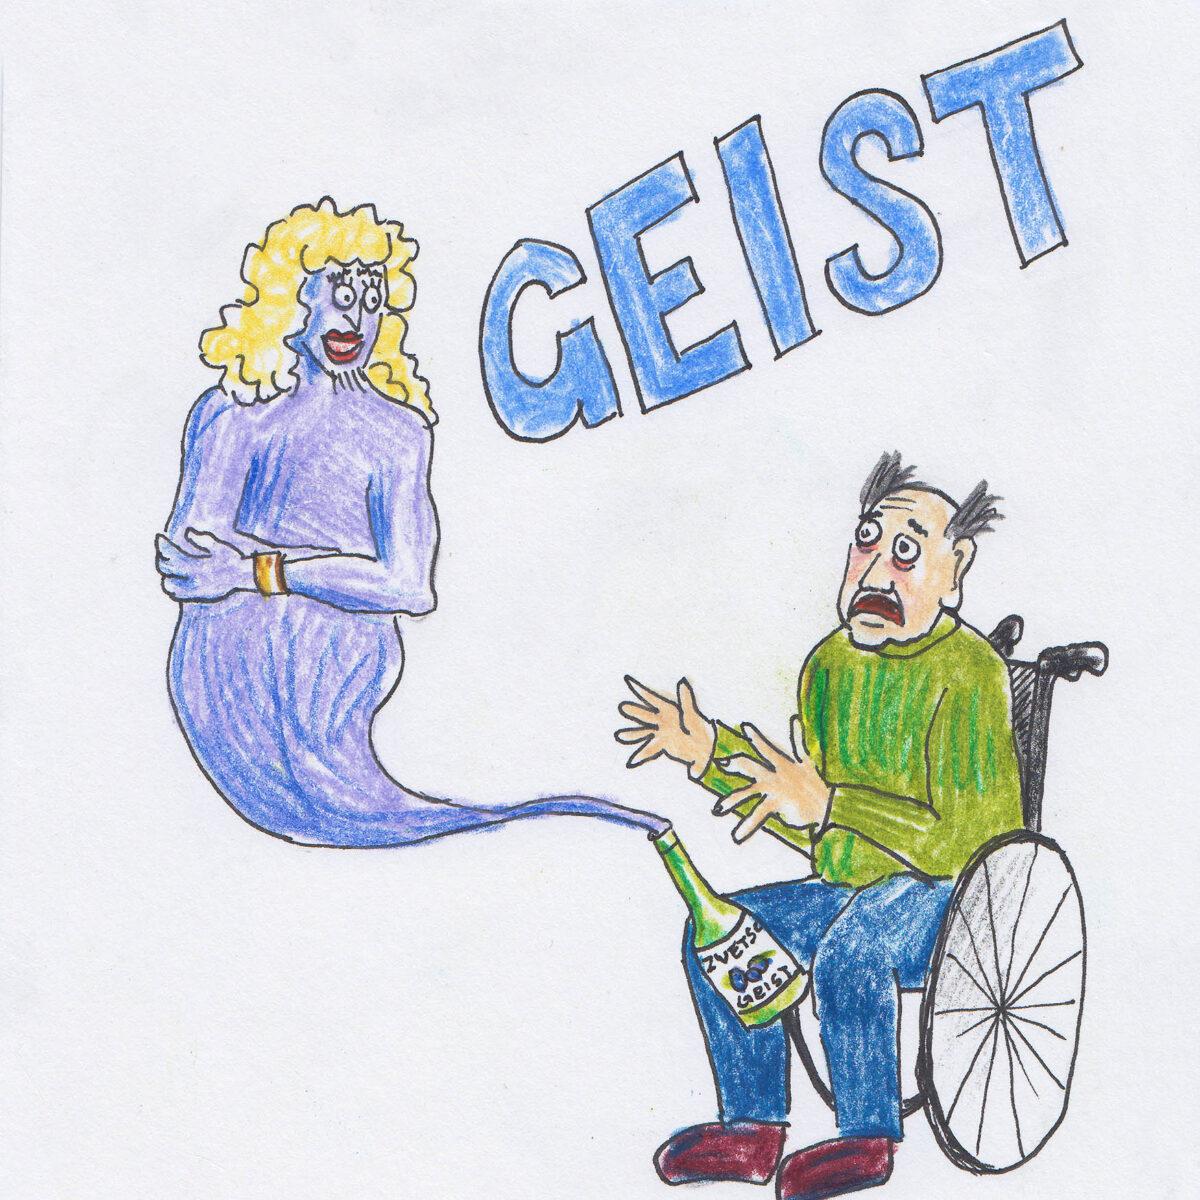 #0037 – Geist